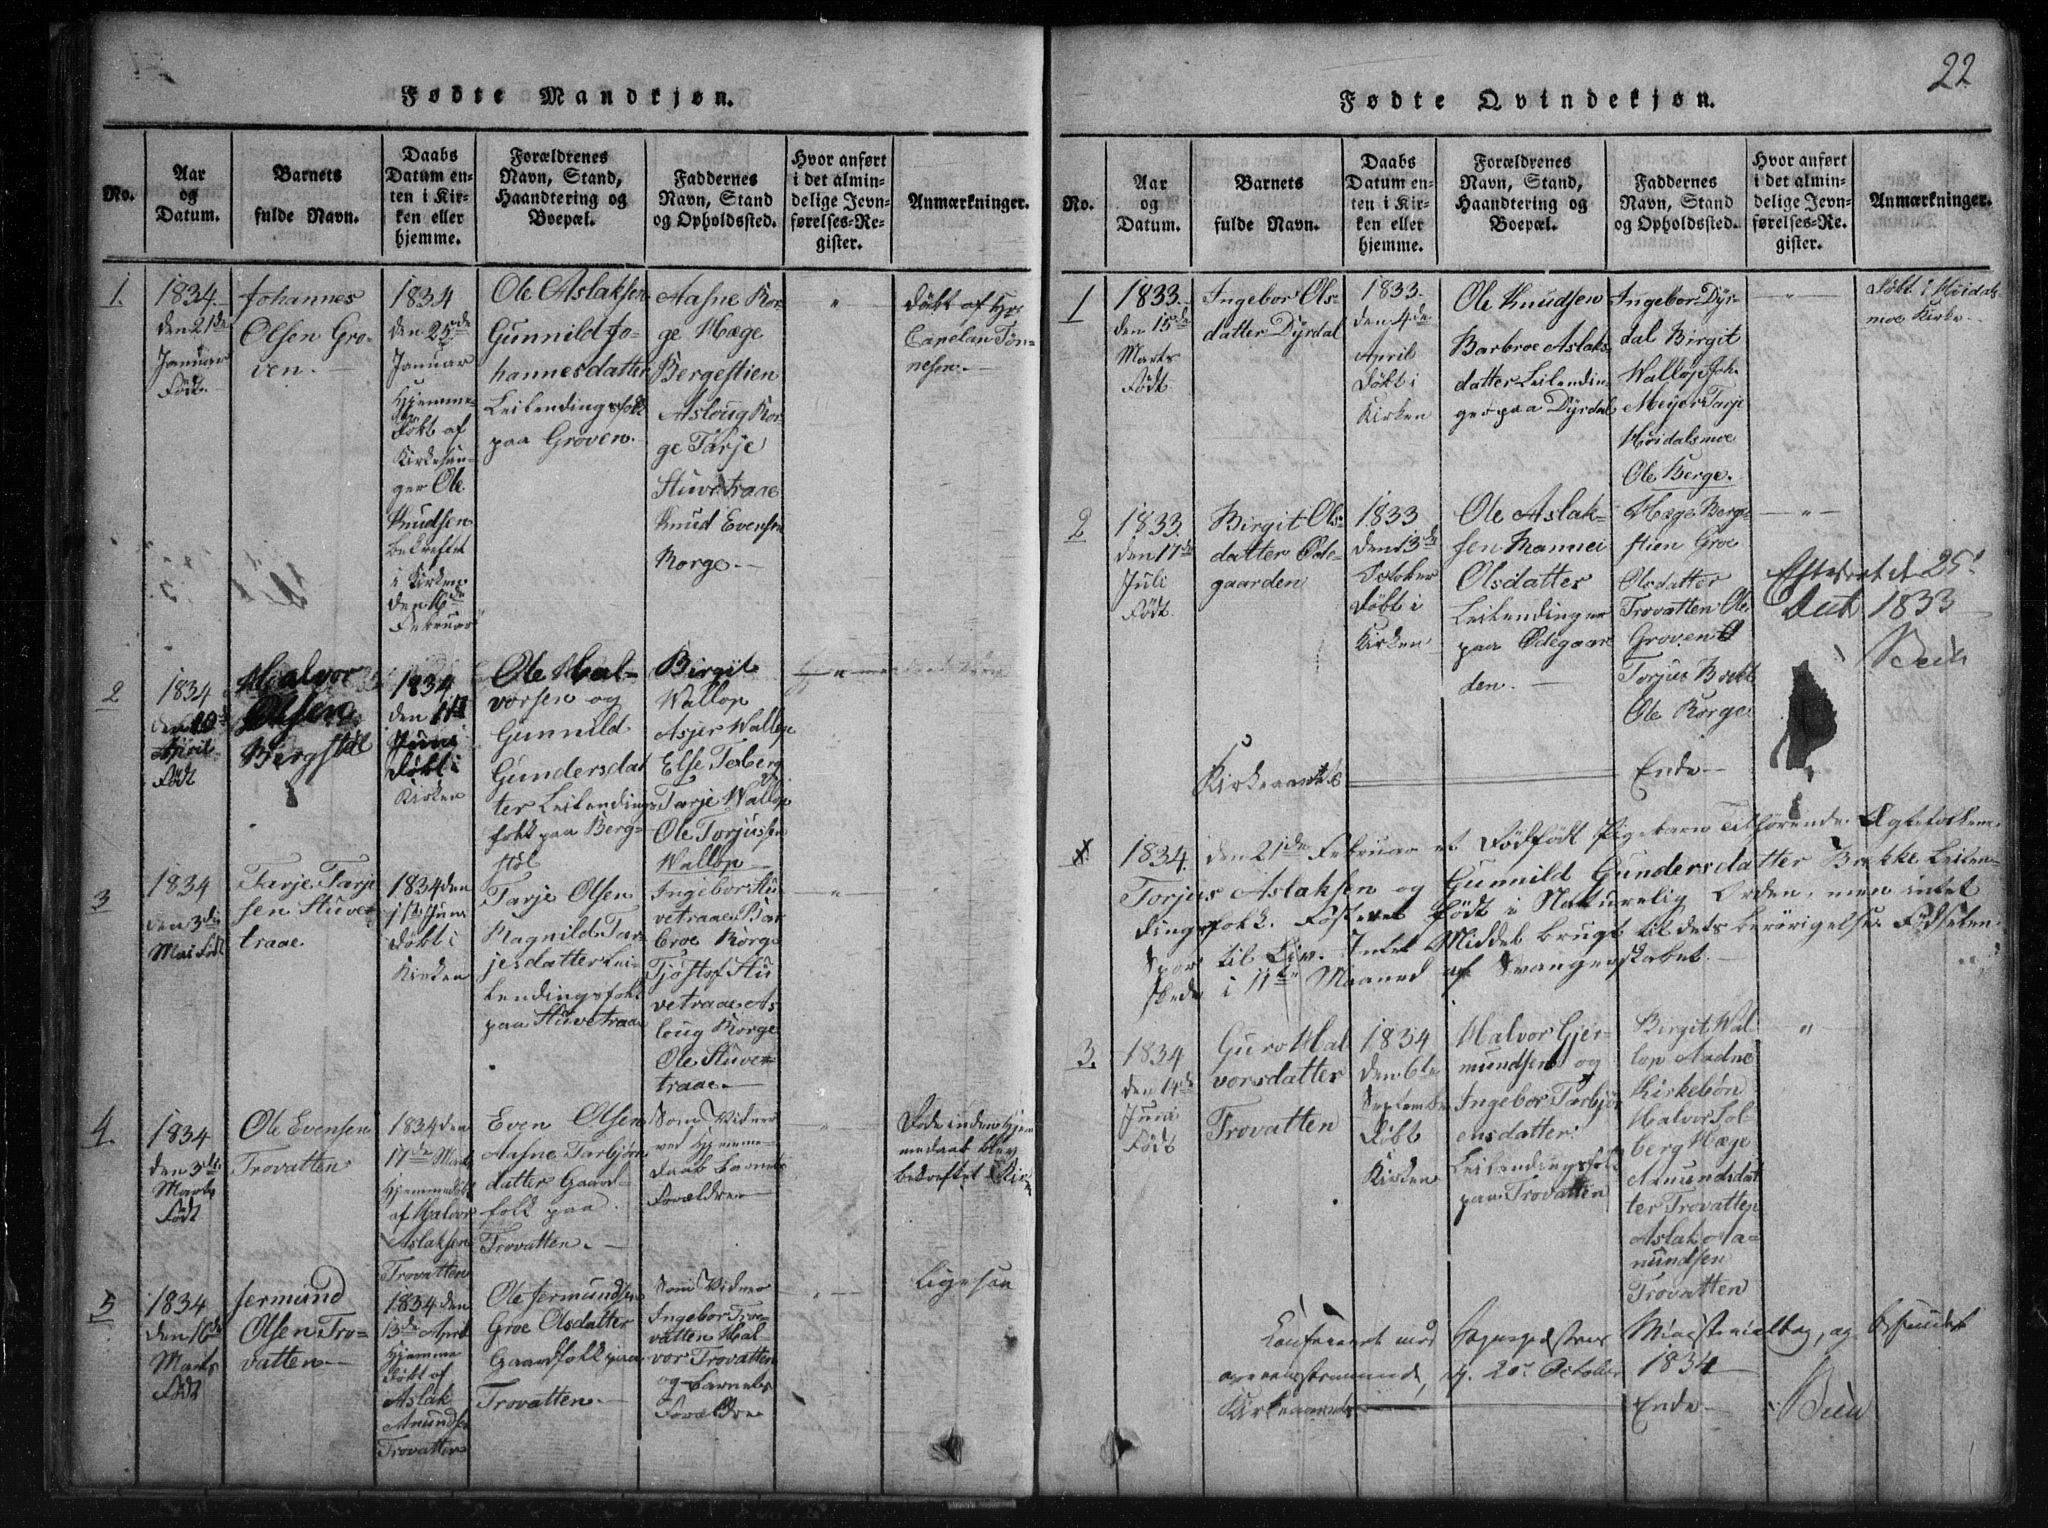 SAKO, Rauland kirkebøker, G/Gb/L0001: Klokkerbok nr. II 1, 1815-1886, s. 22